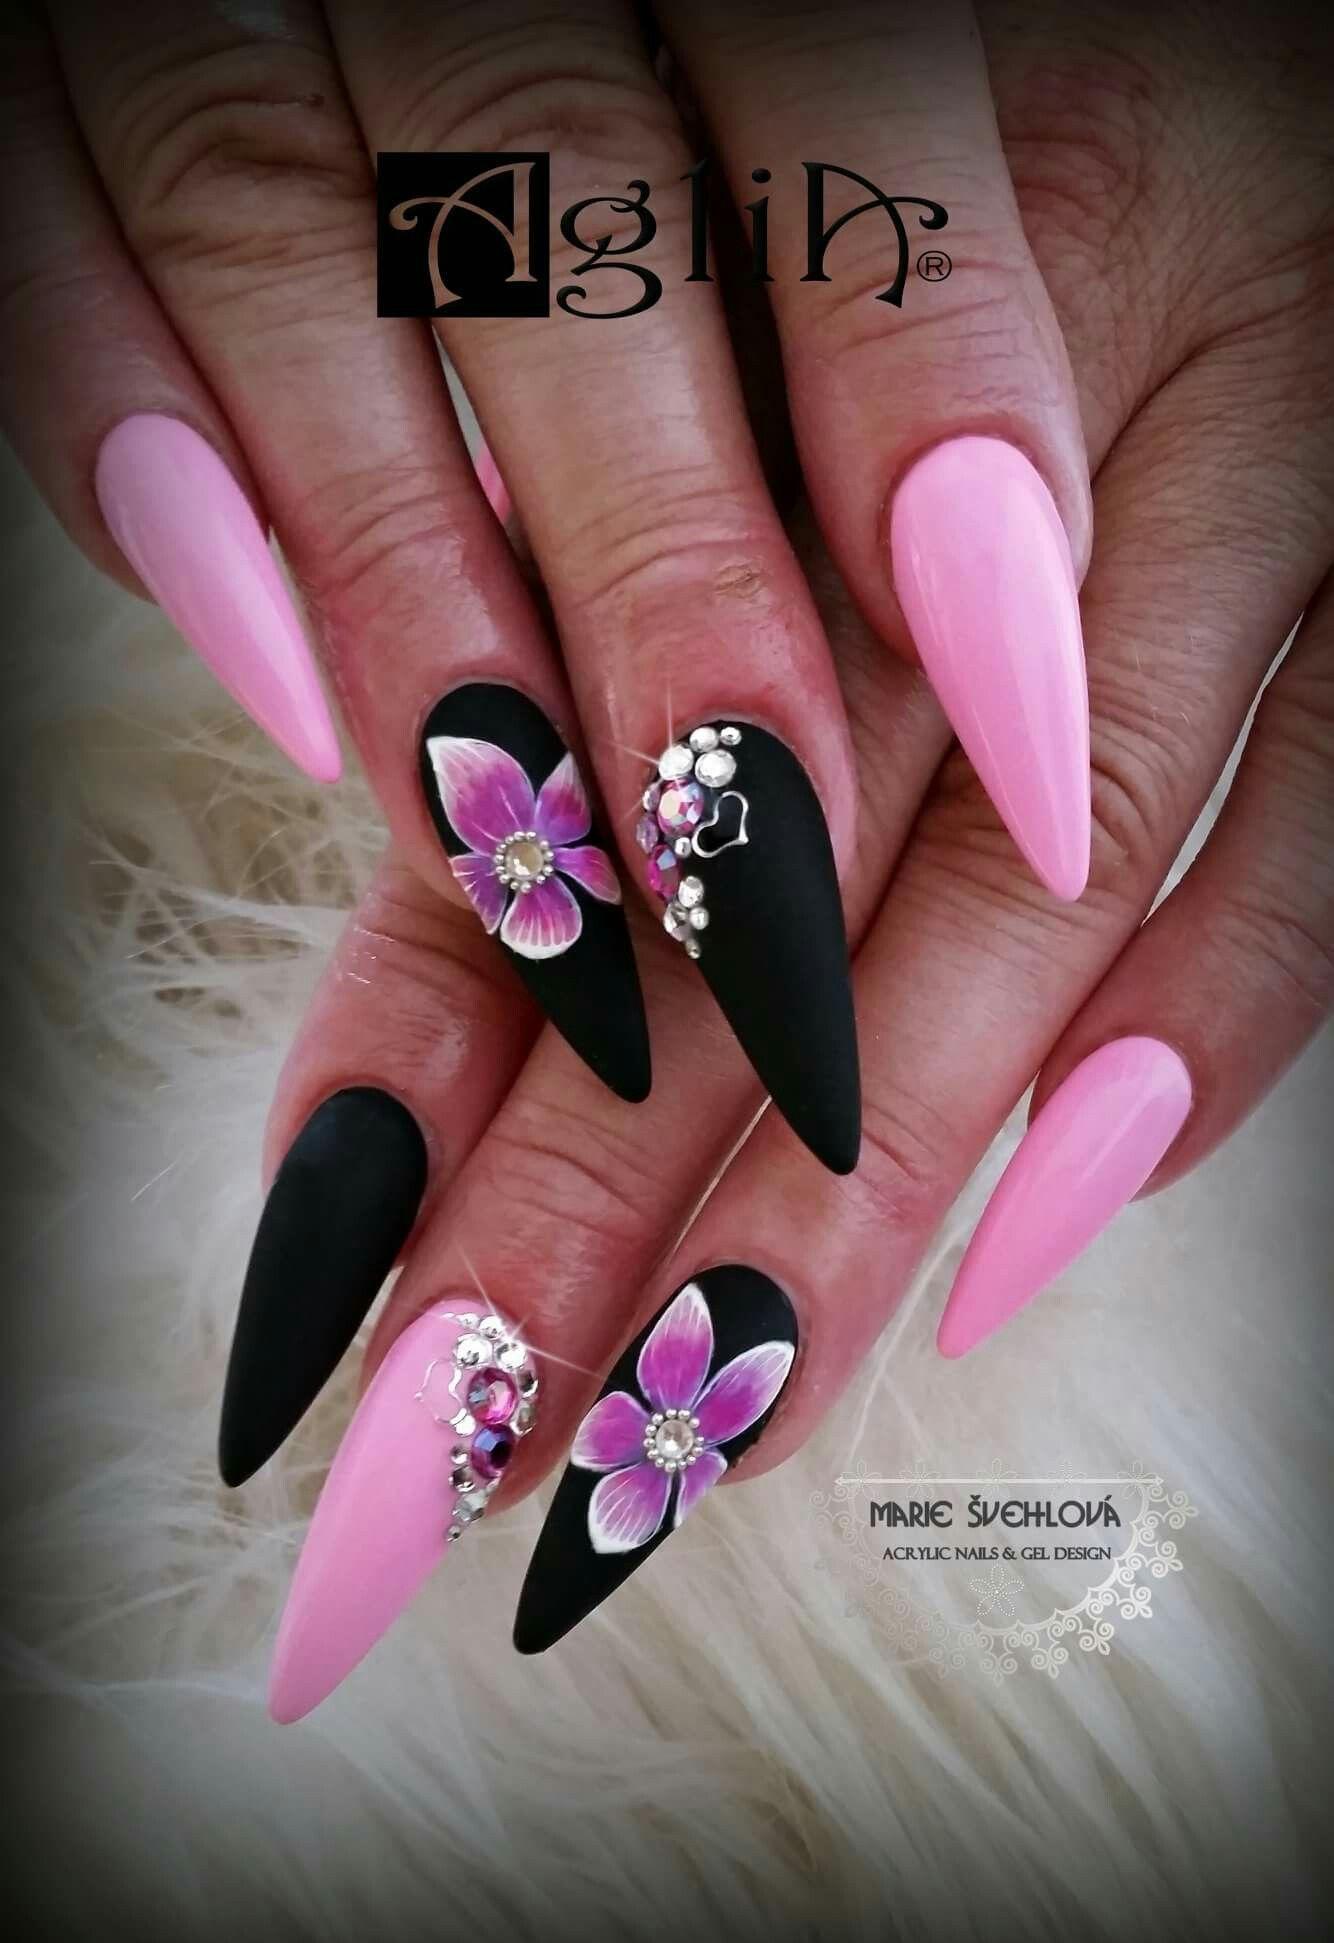 Acrylic nails & Gel design